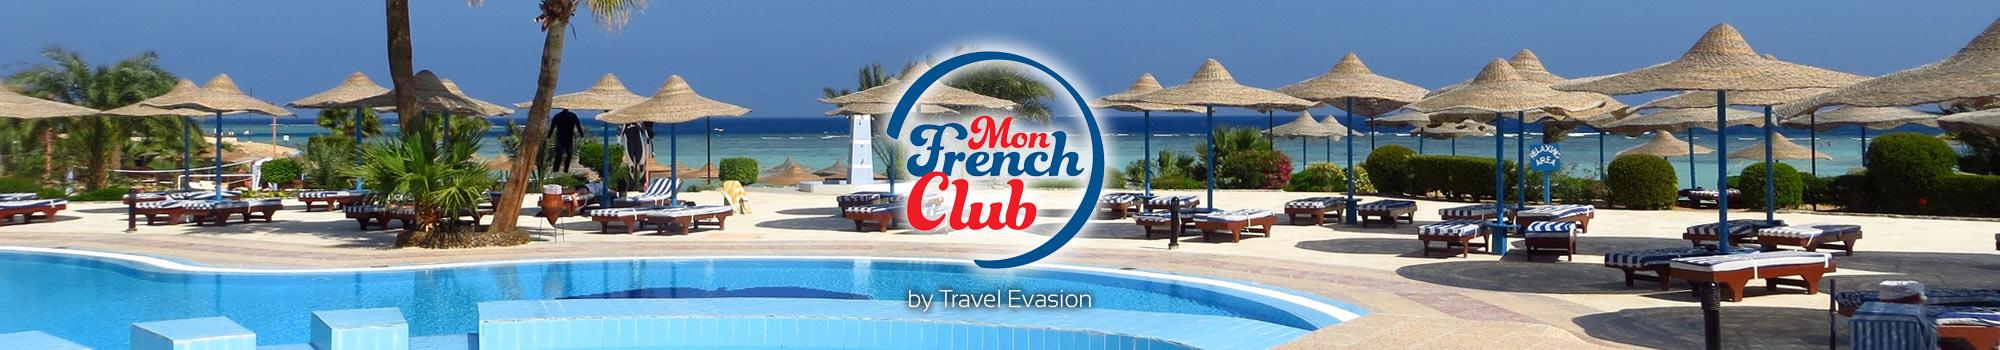 Mon French club, hôtel club avec animation francophone tout inclus